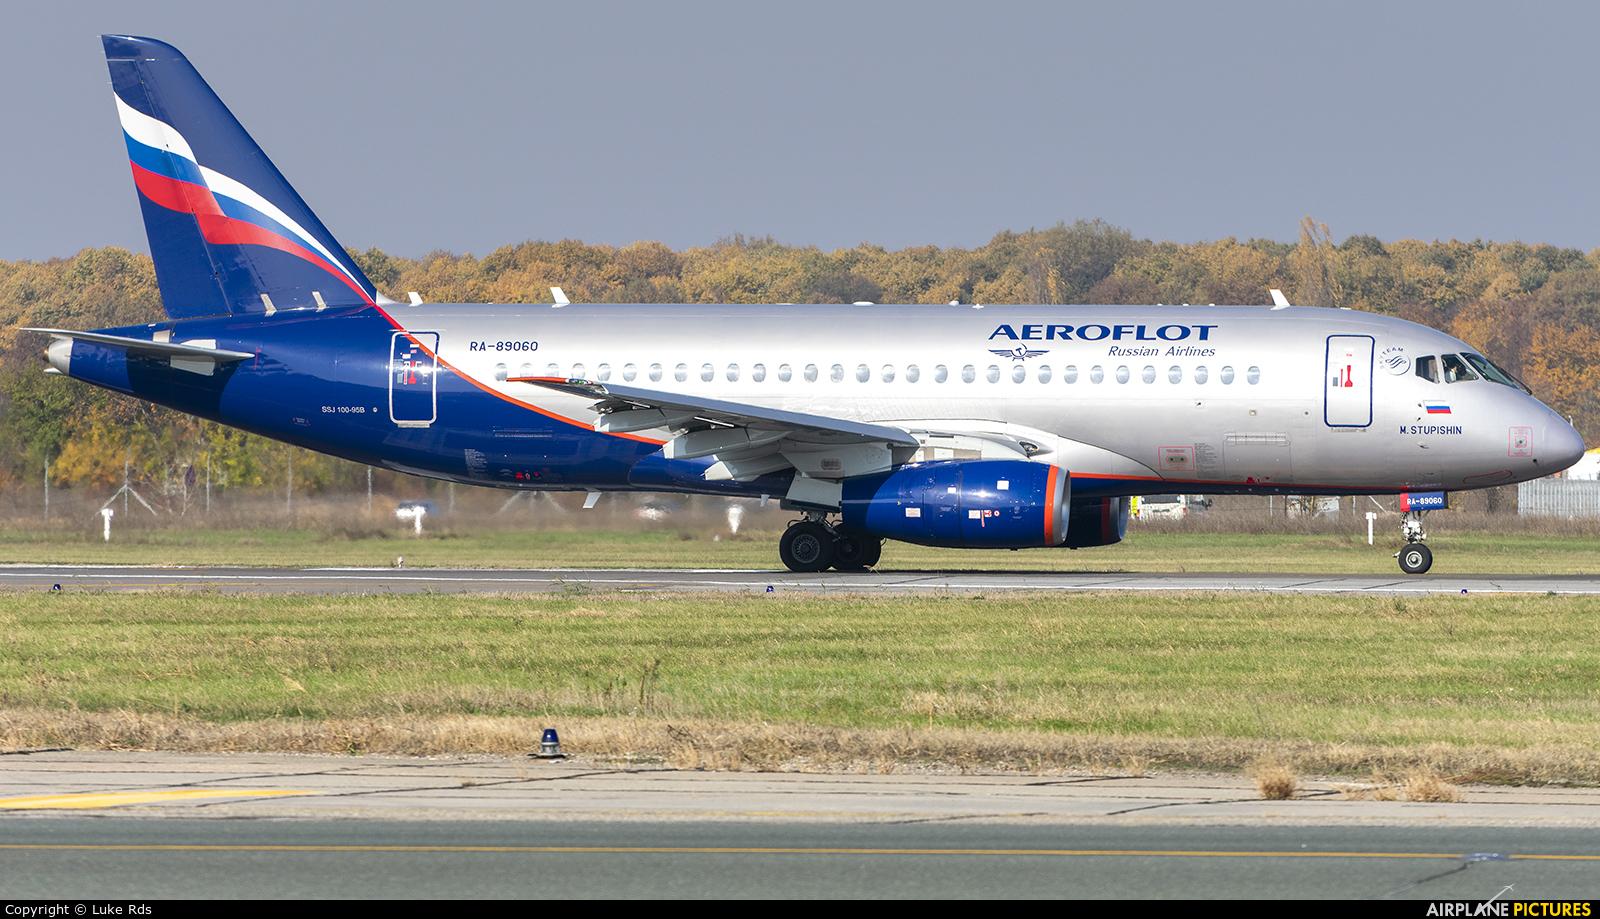 Aeroflot RA-89060 aircraft at Bucharest - Henri Coandă